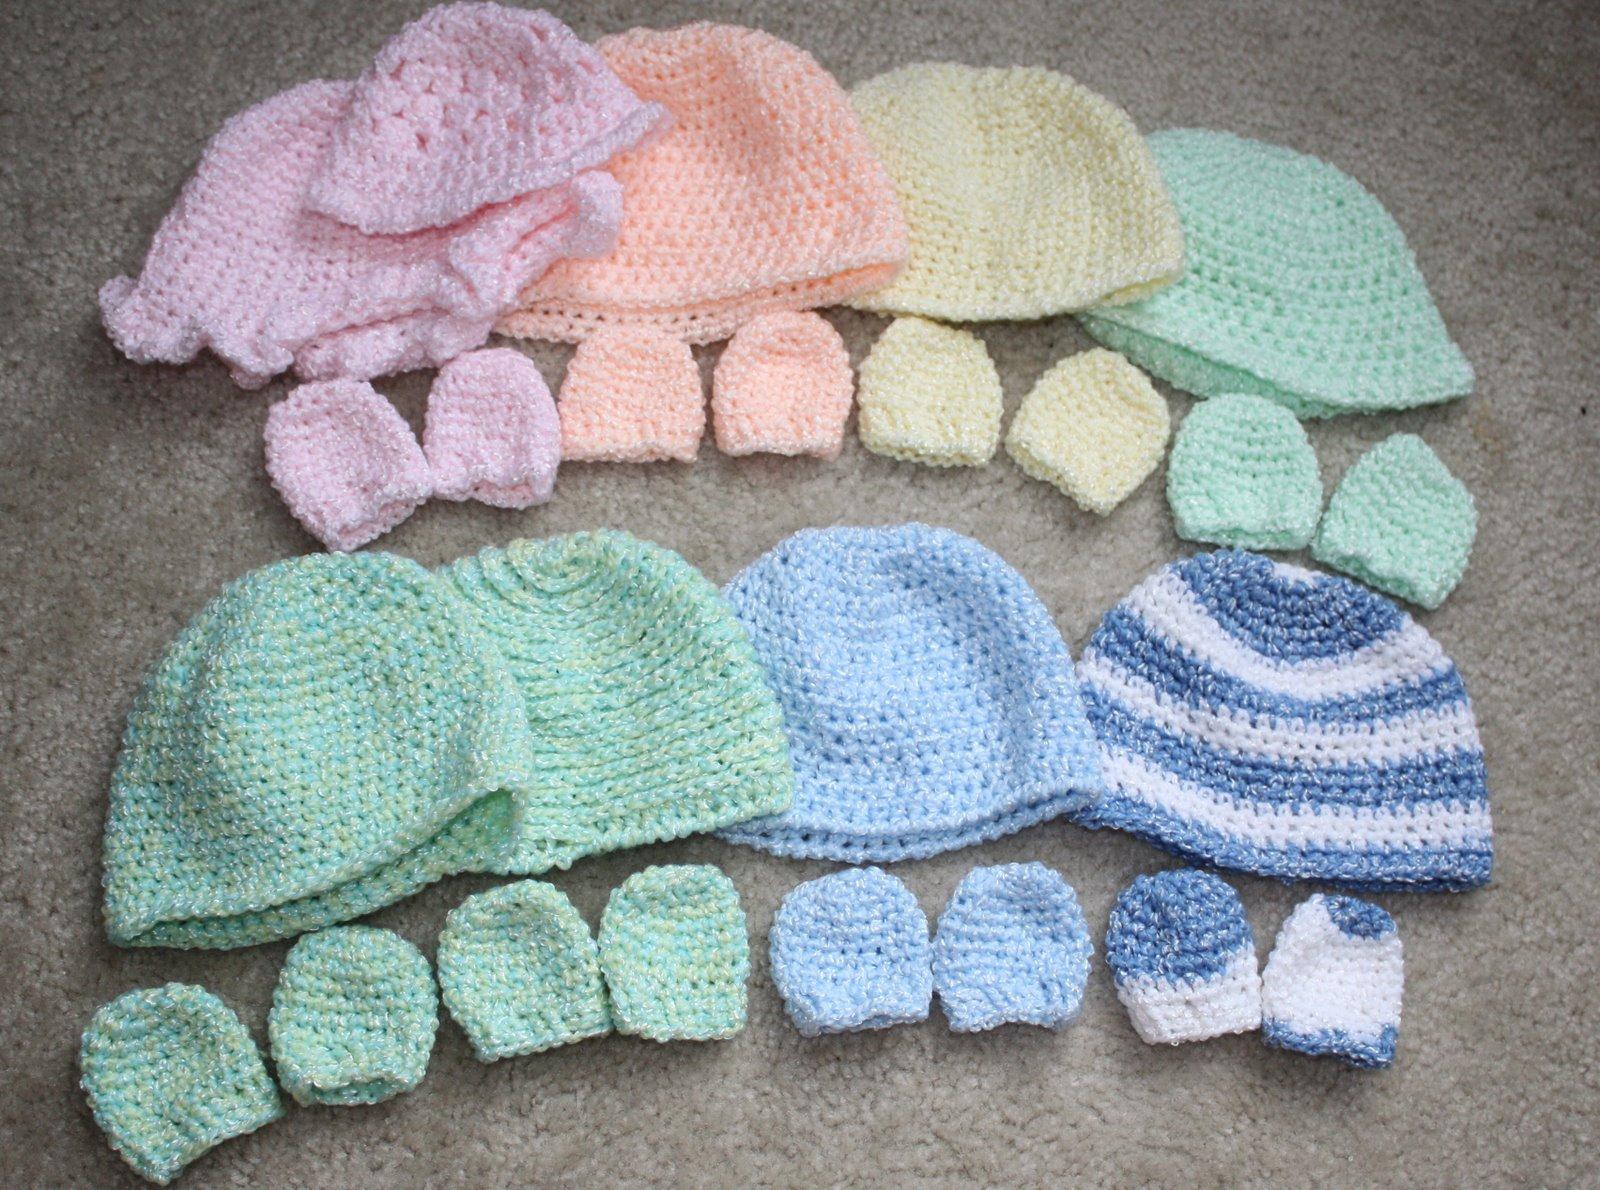 Crocheting Club : Crocheting Club: Crochet Hats For Baby